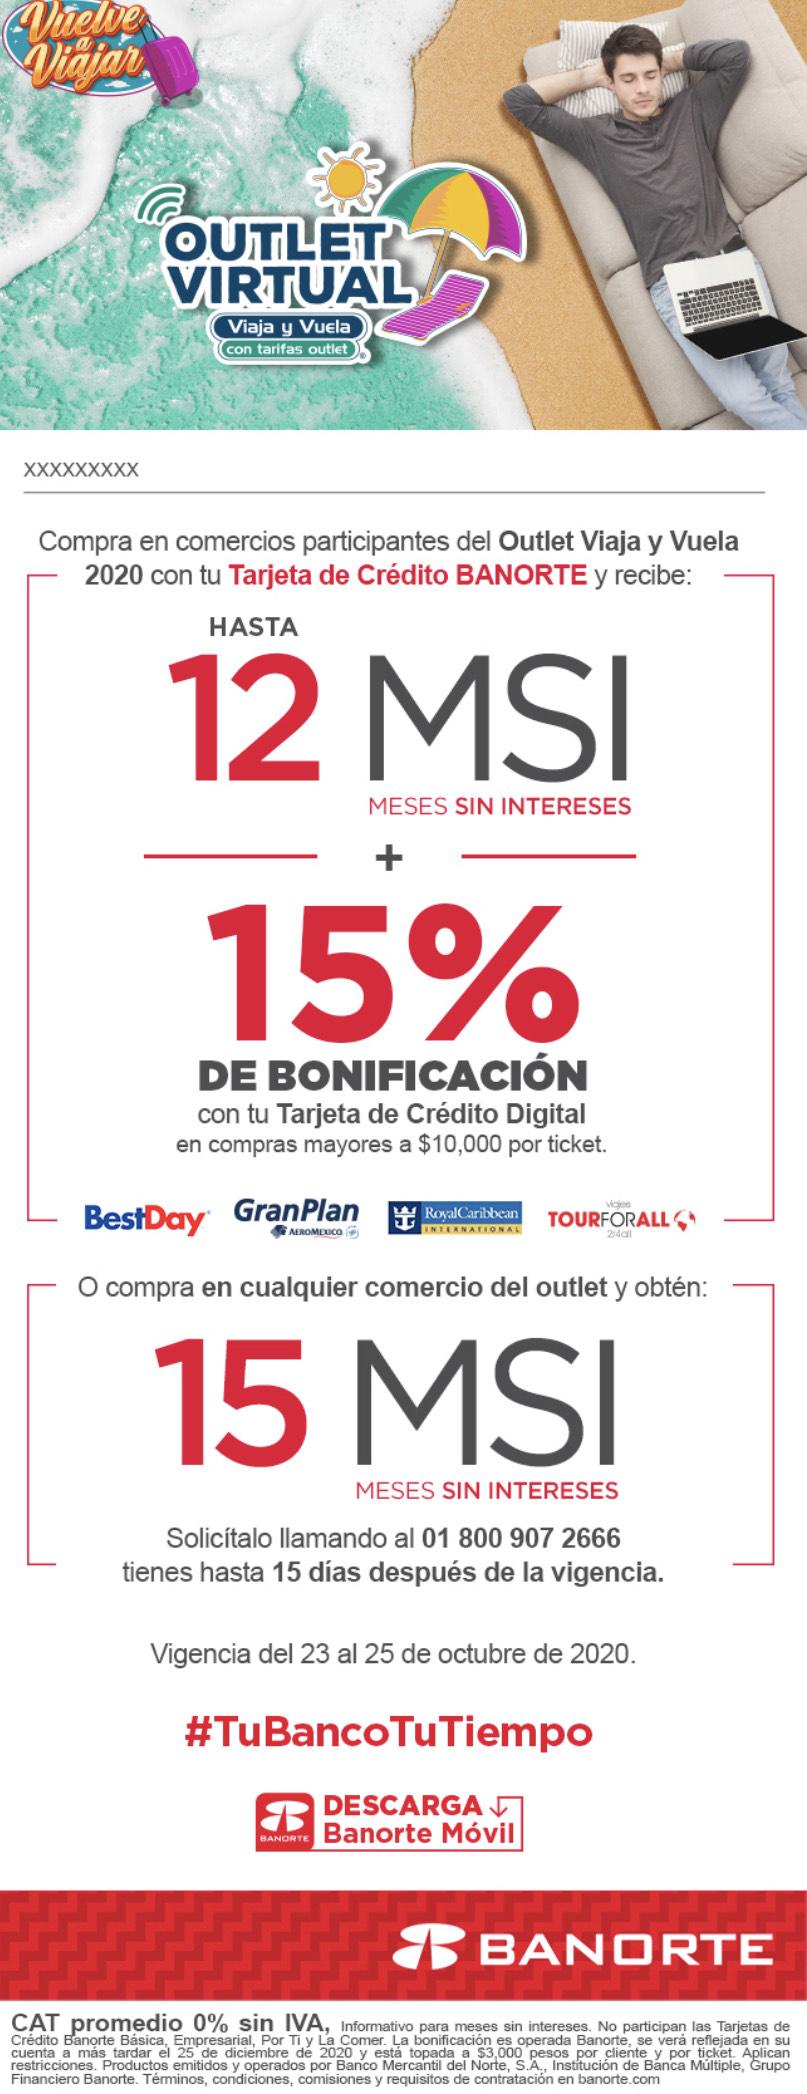 Banorte Outlet Virtual: 12 MSI + 15% de bonificación en compras mayores a $10,000 (tiendas seleccionadas)